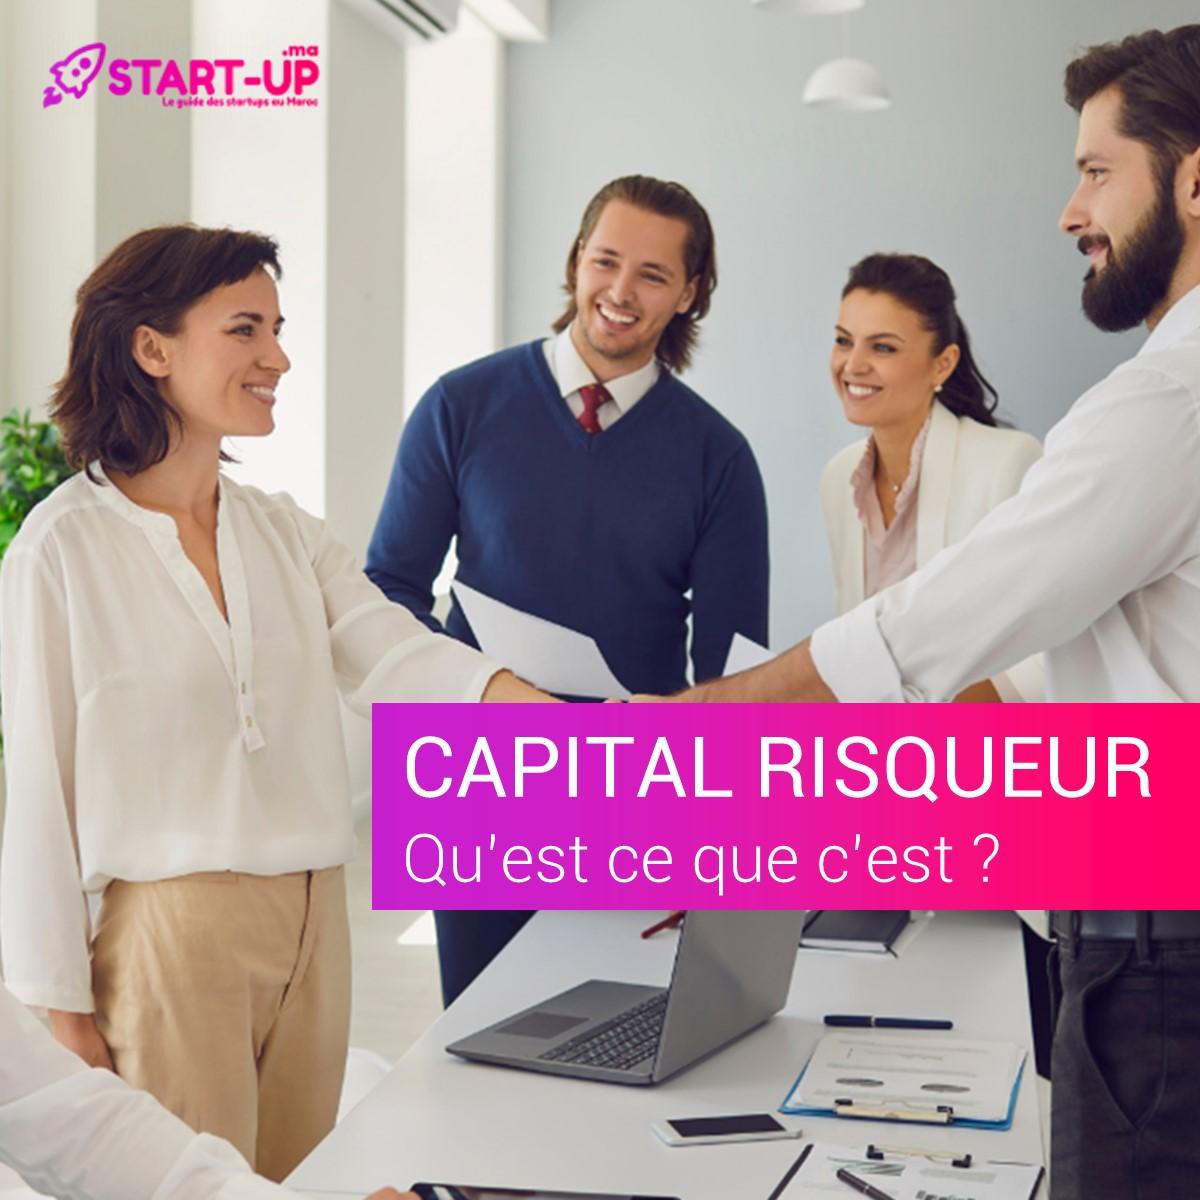 Capital-risqueur